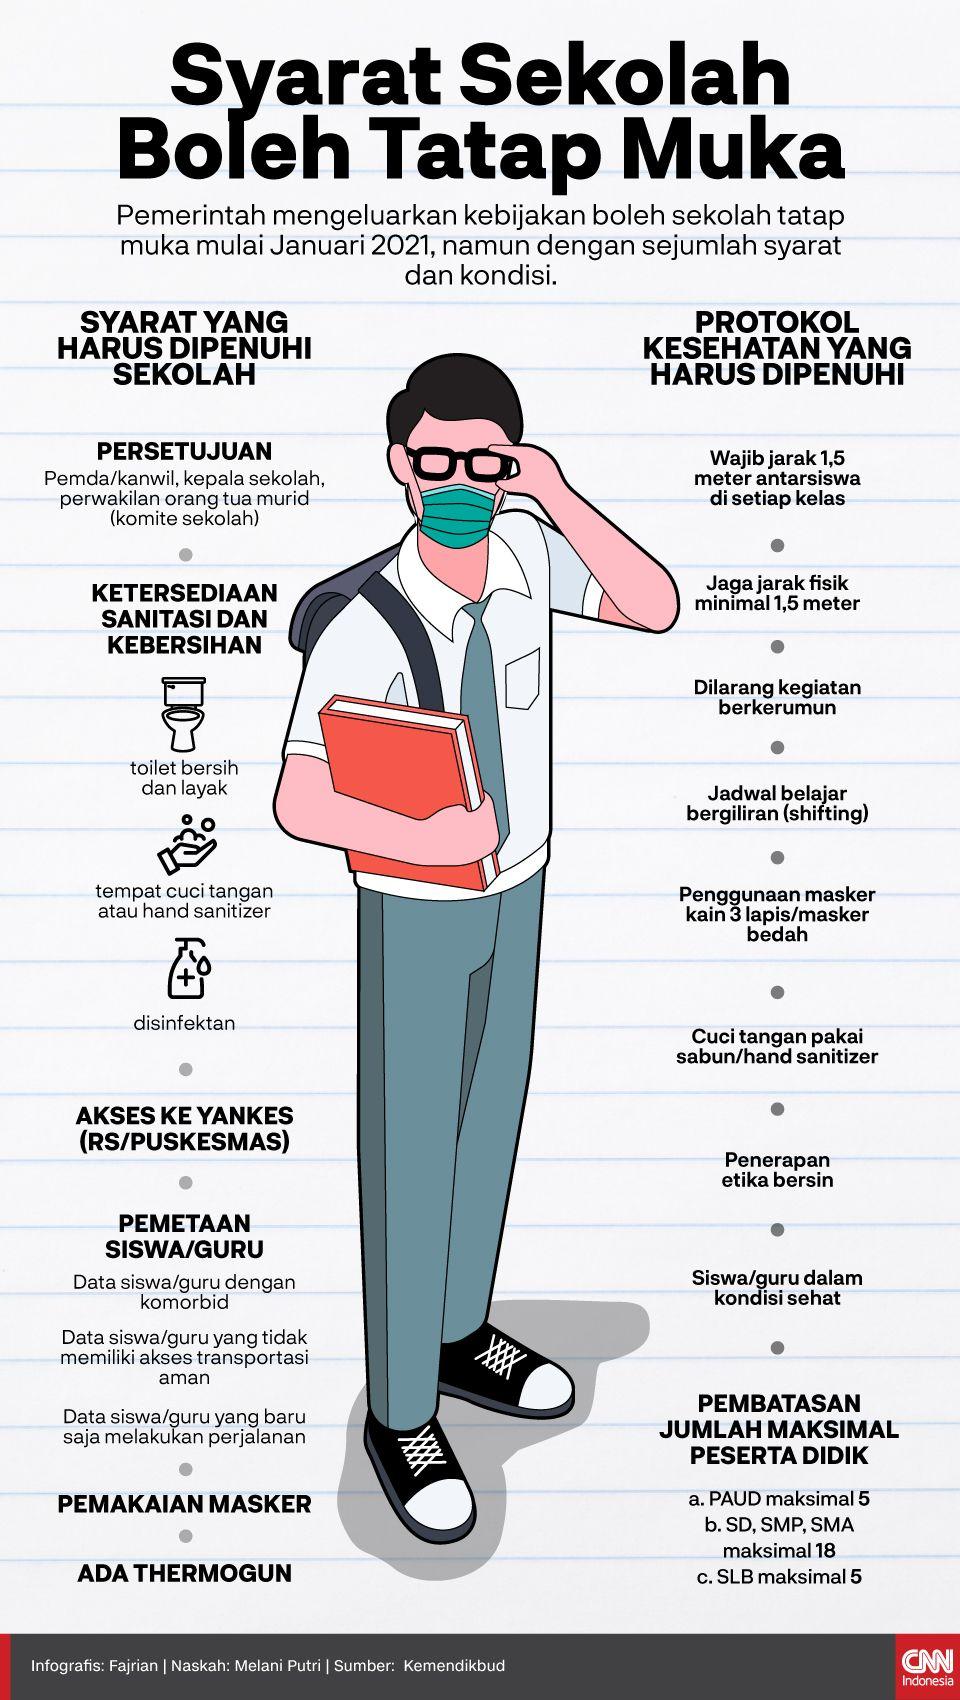 Infografis Syarat Sekolah Boleh Tatap Muka